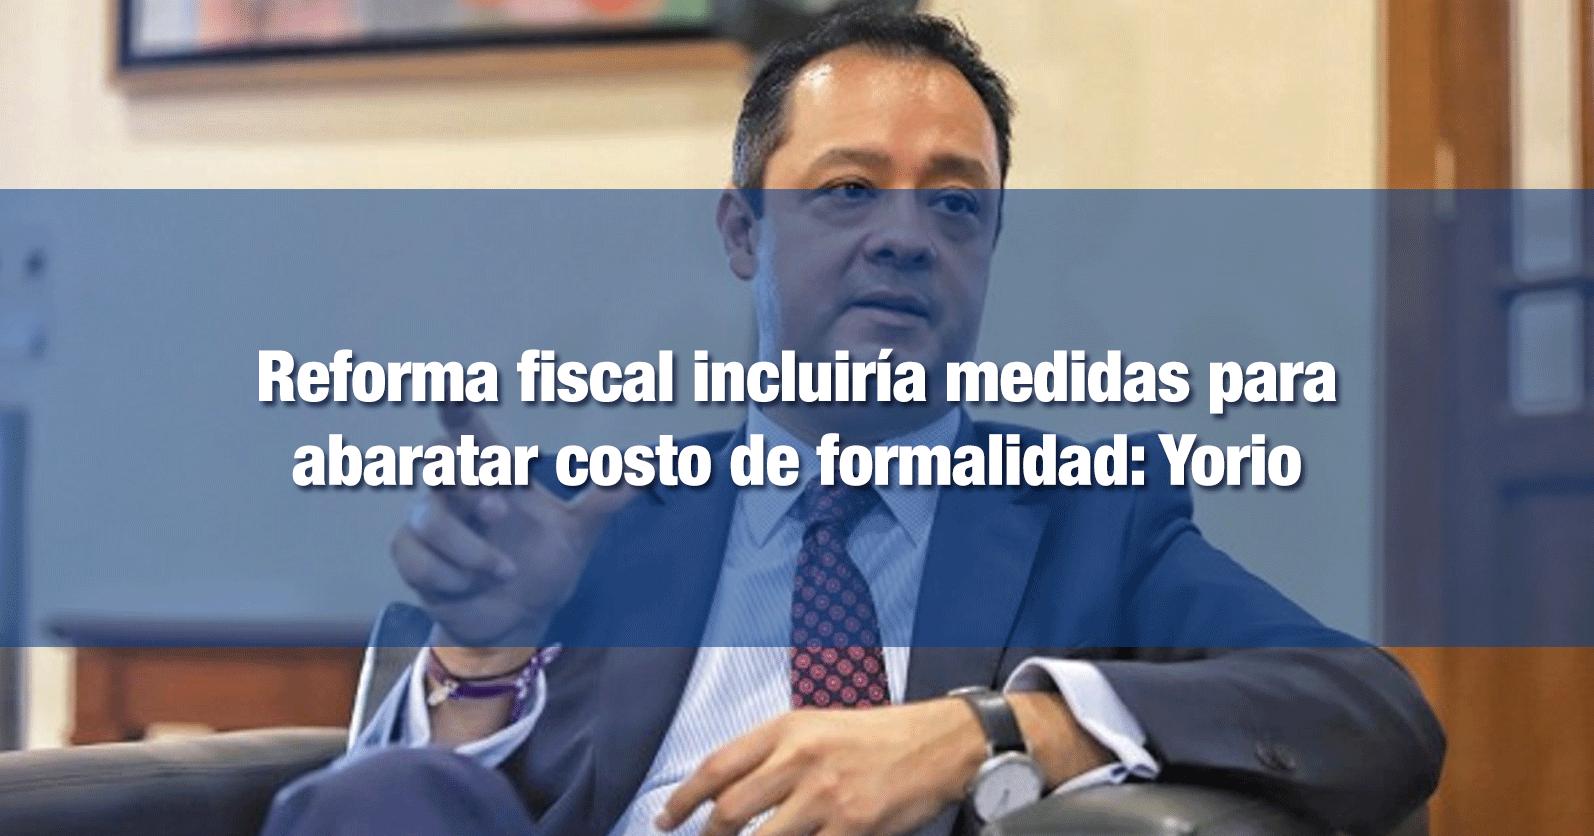 Reforma fiscal incluiría medidas para abaratar costo de formalidad: Yorio